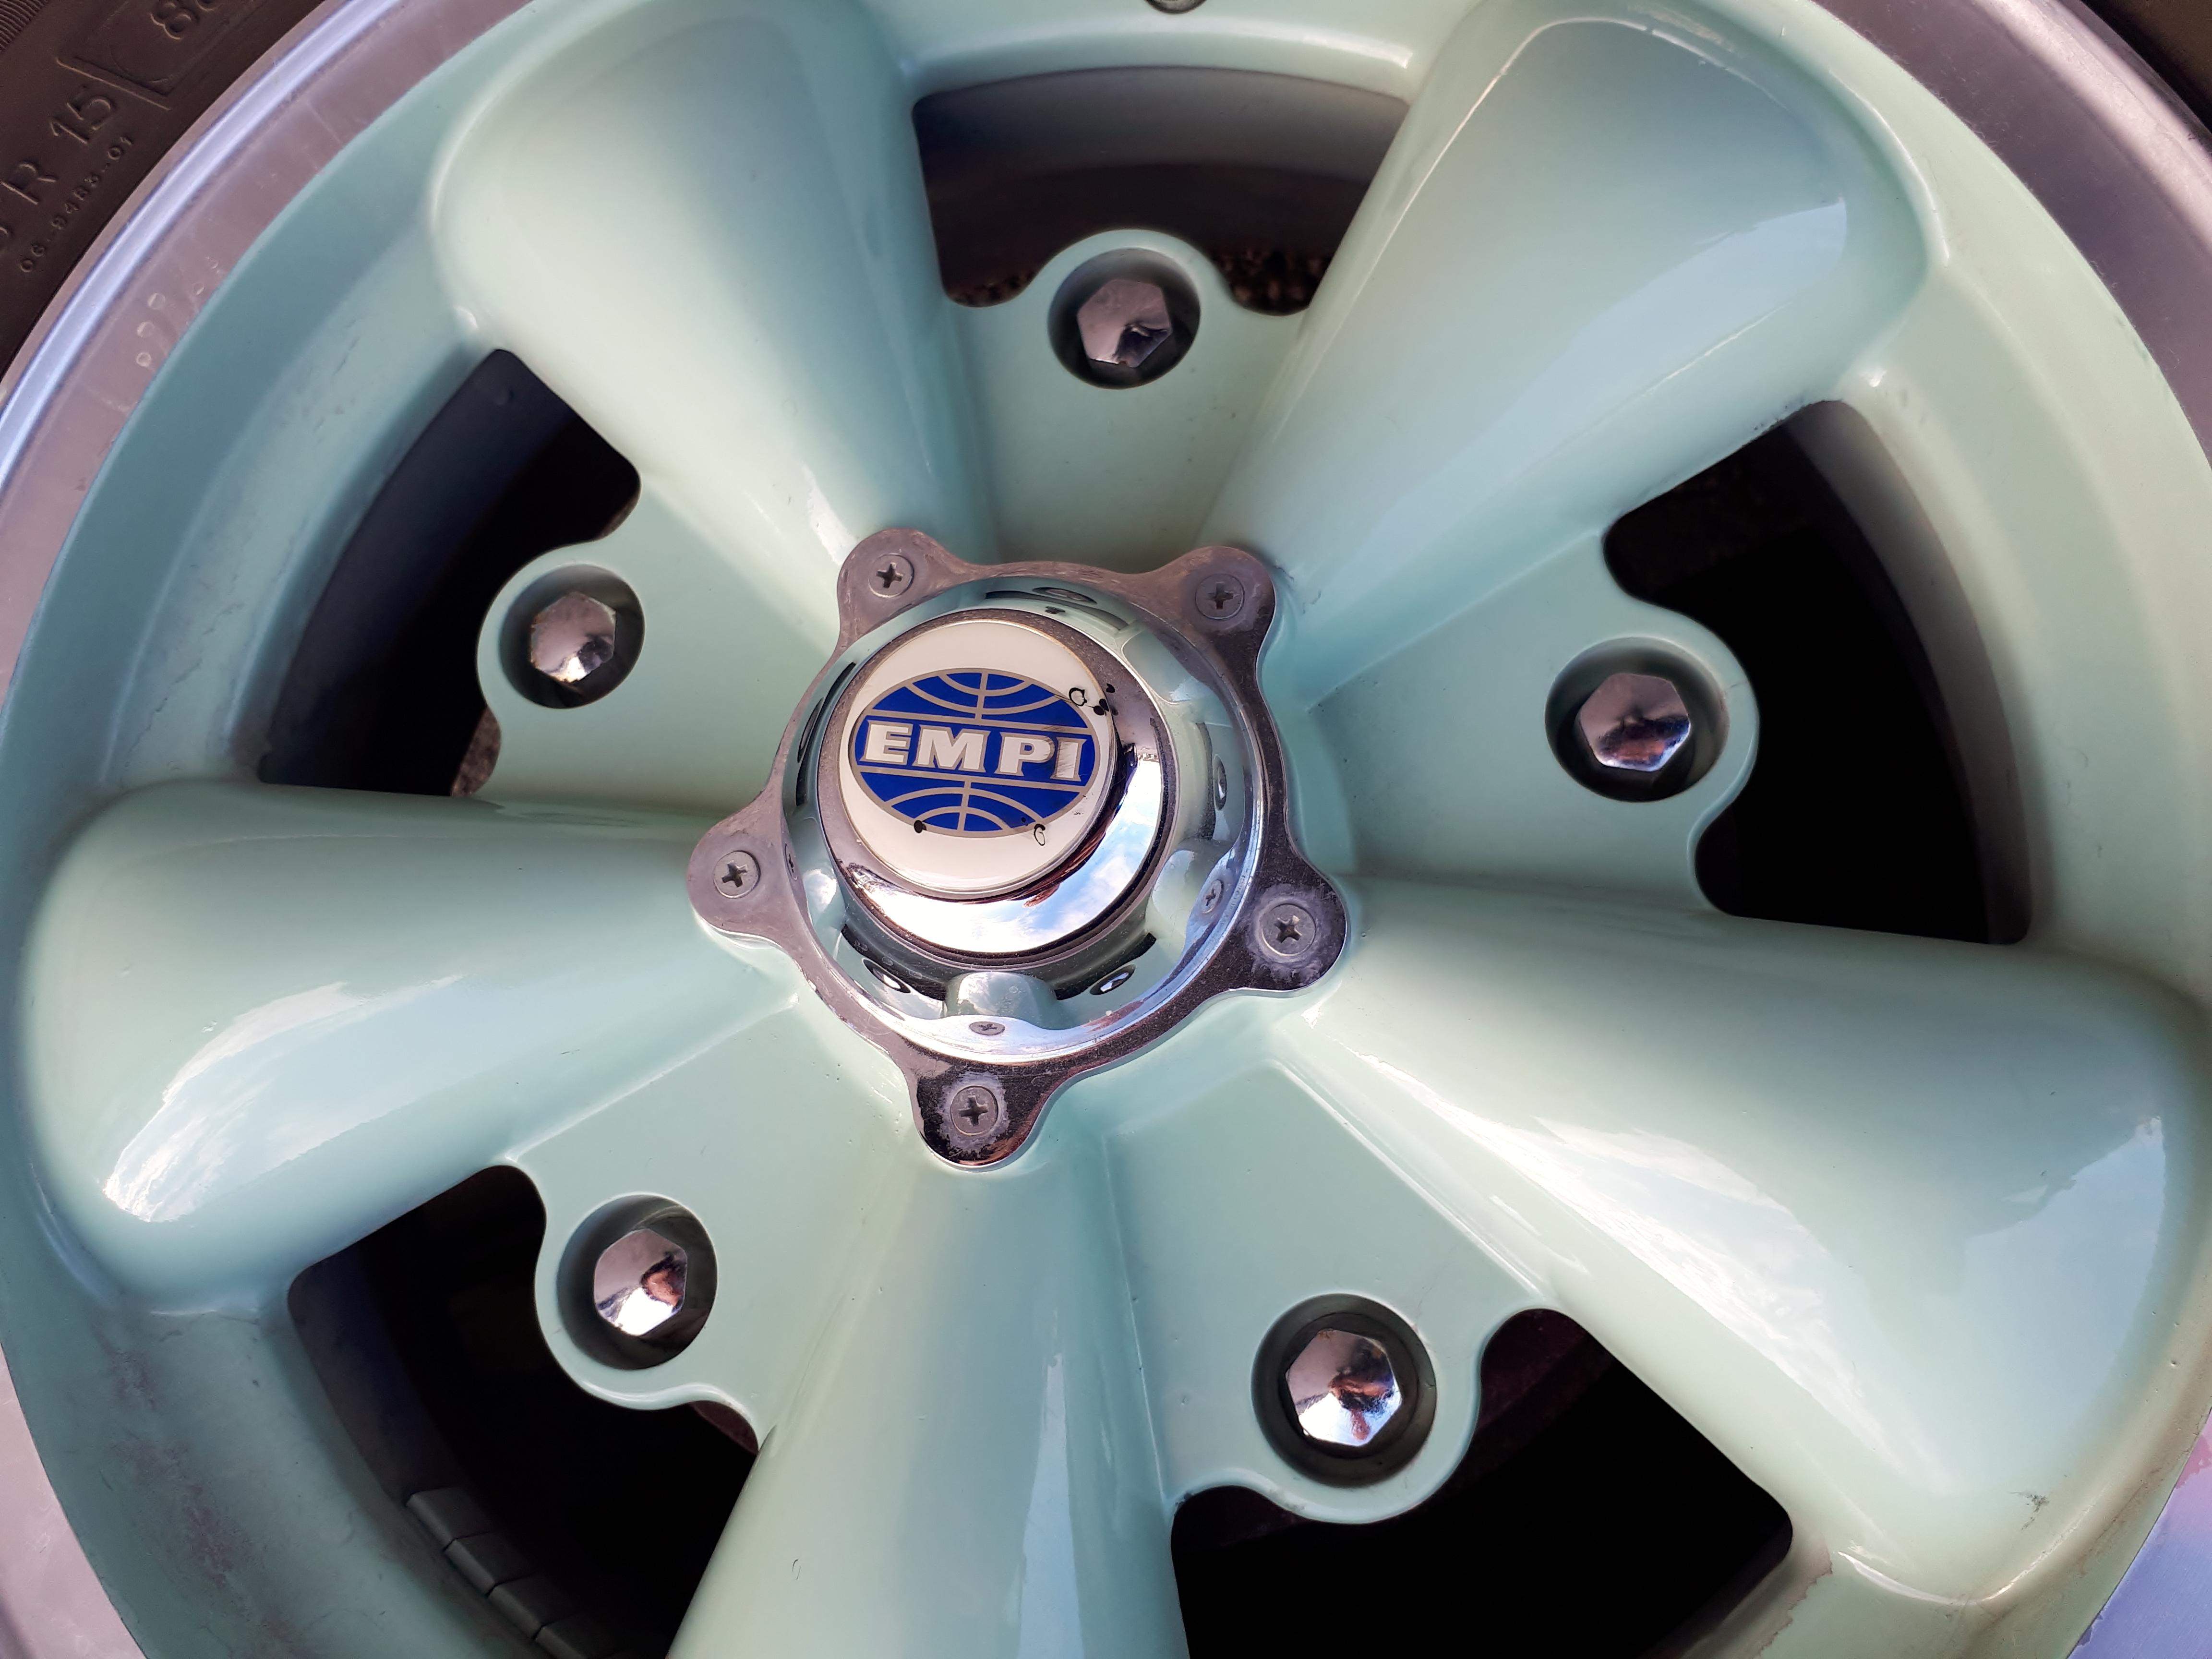 VW EMPI Alufelg .jpg